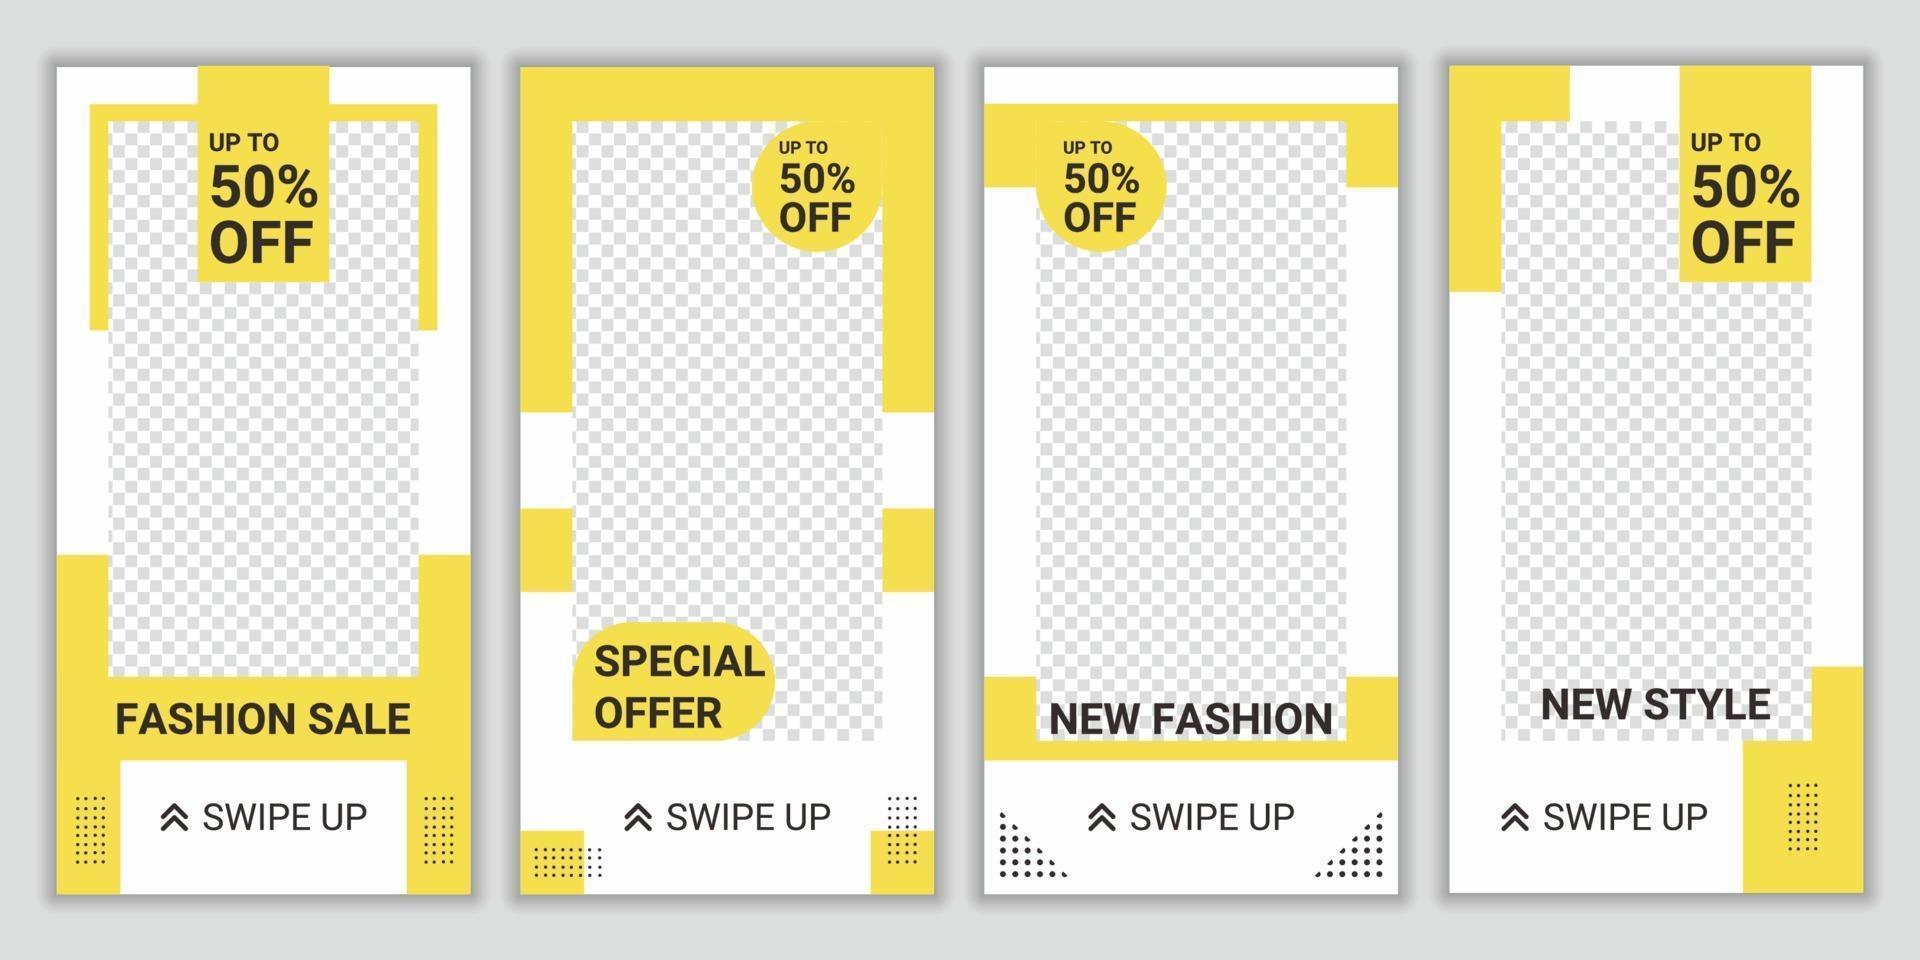 4 uppsättning mode försäljning post sociala medier mall. bakgrundsdesignlayout med ljusgul och vit färg. marknadsföring mode mode. vit och gul bakgrundsfärgformillustration vektor